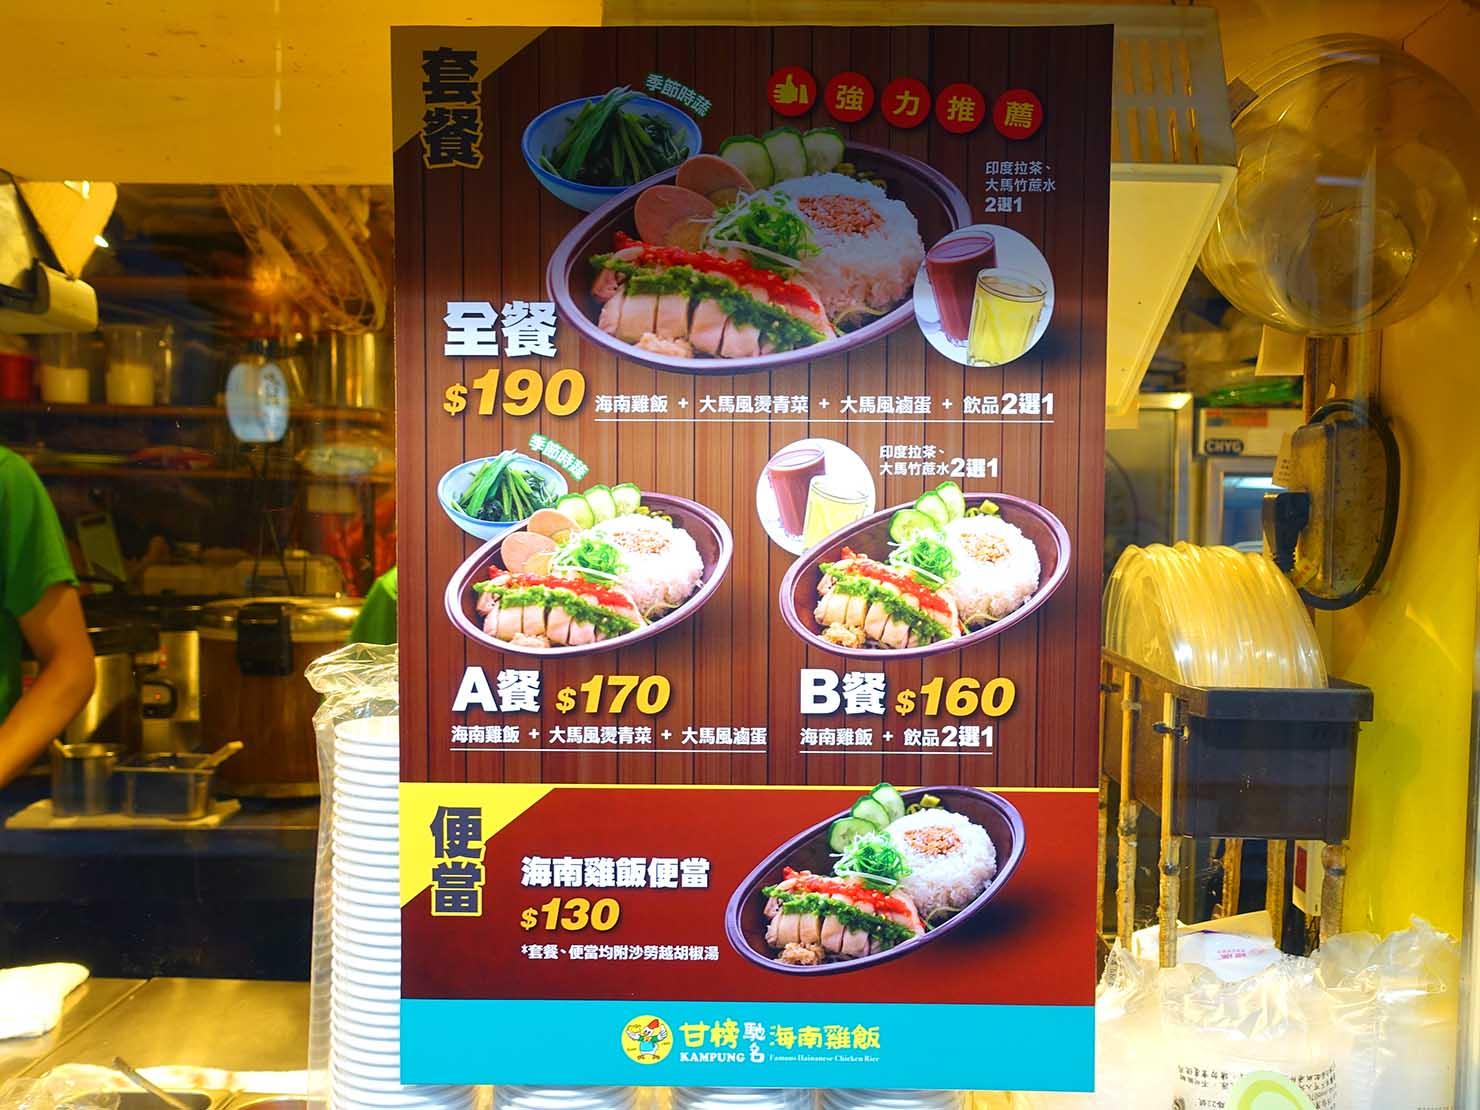 台北・中山駅周辺のおすすめグルメ店「甘榜馳名海南鶏飯」のメニュー